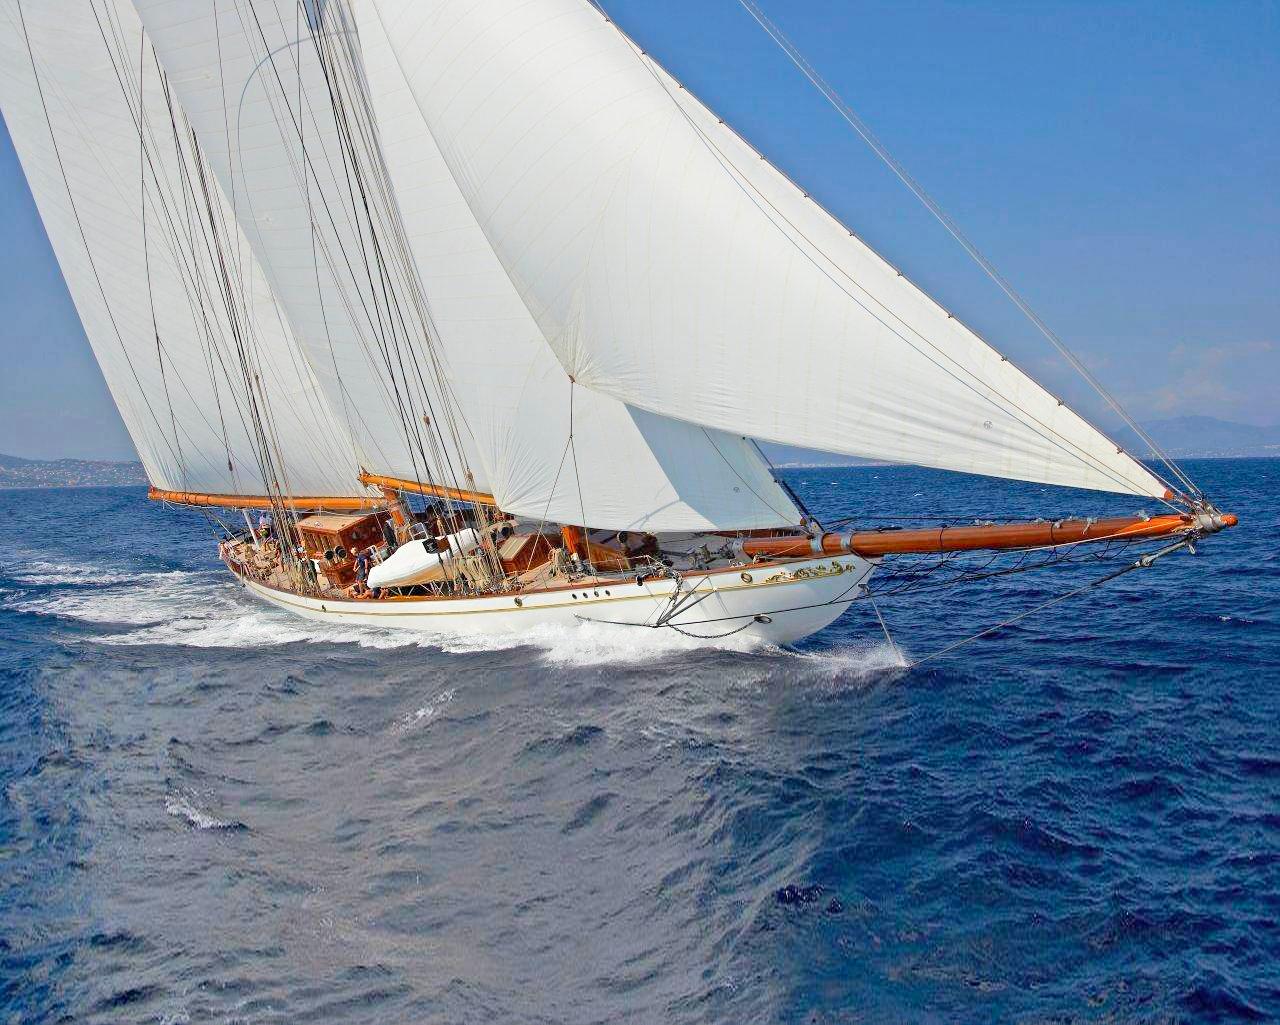 2011 Germania Sailboat Replica at 197 feet